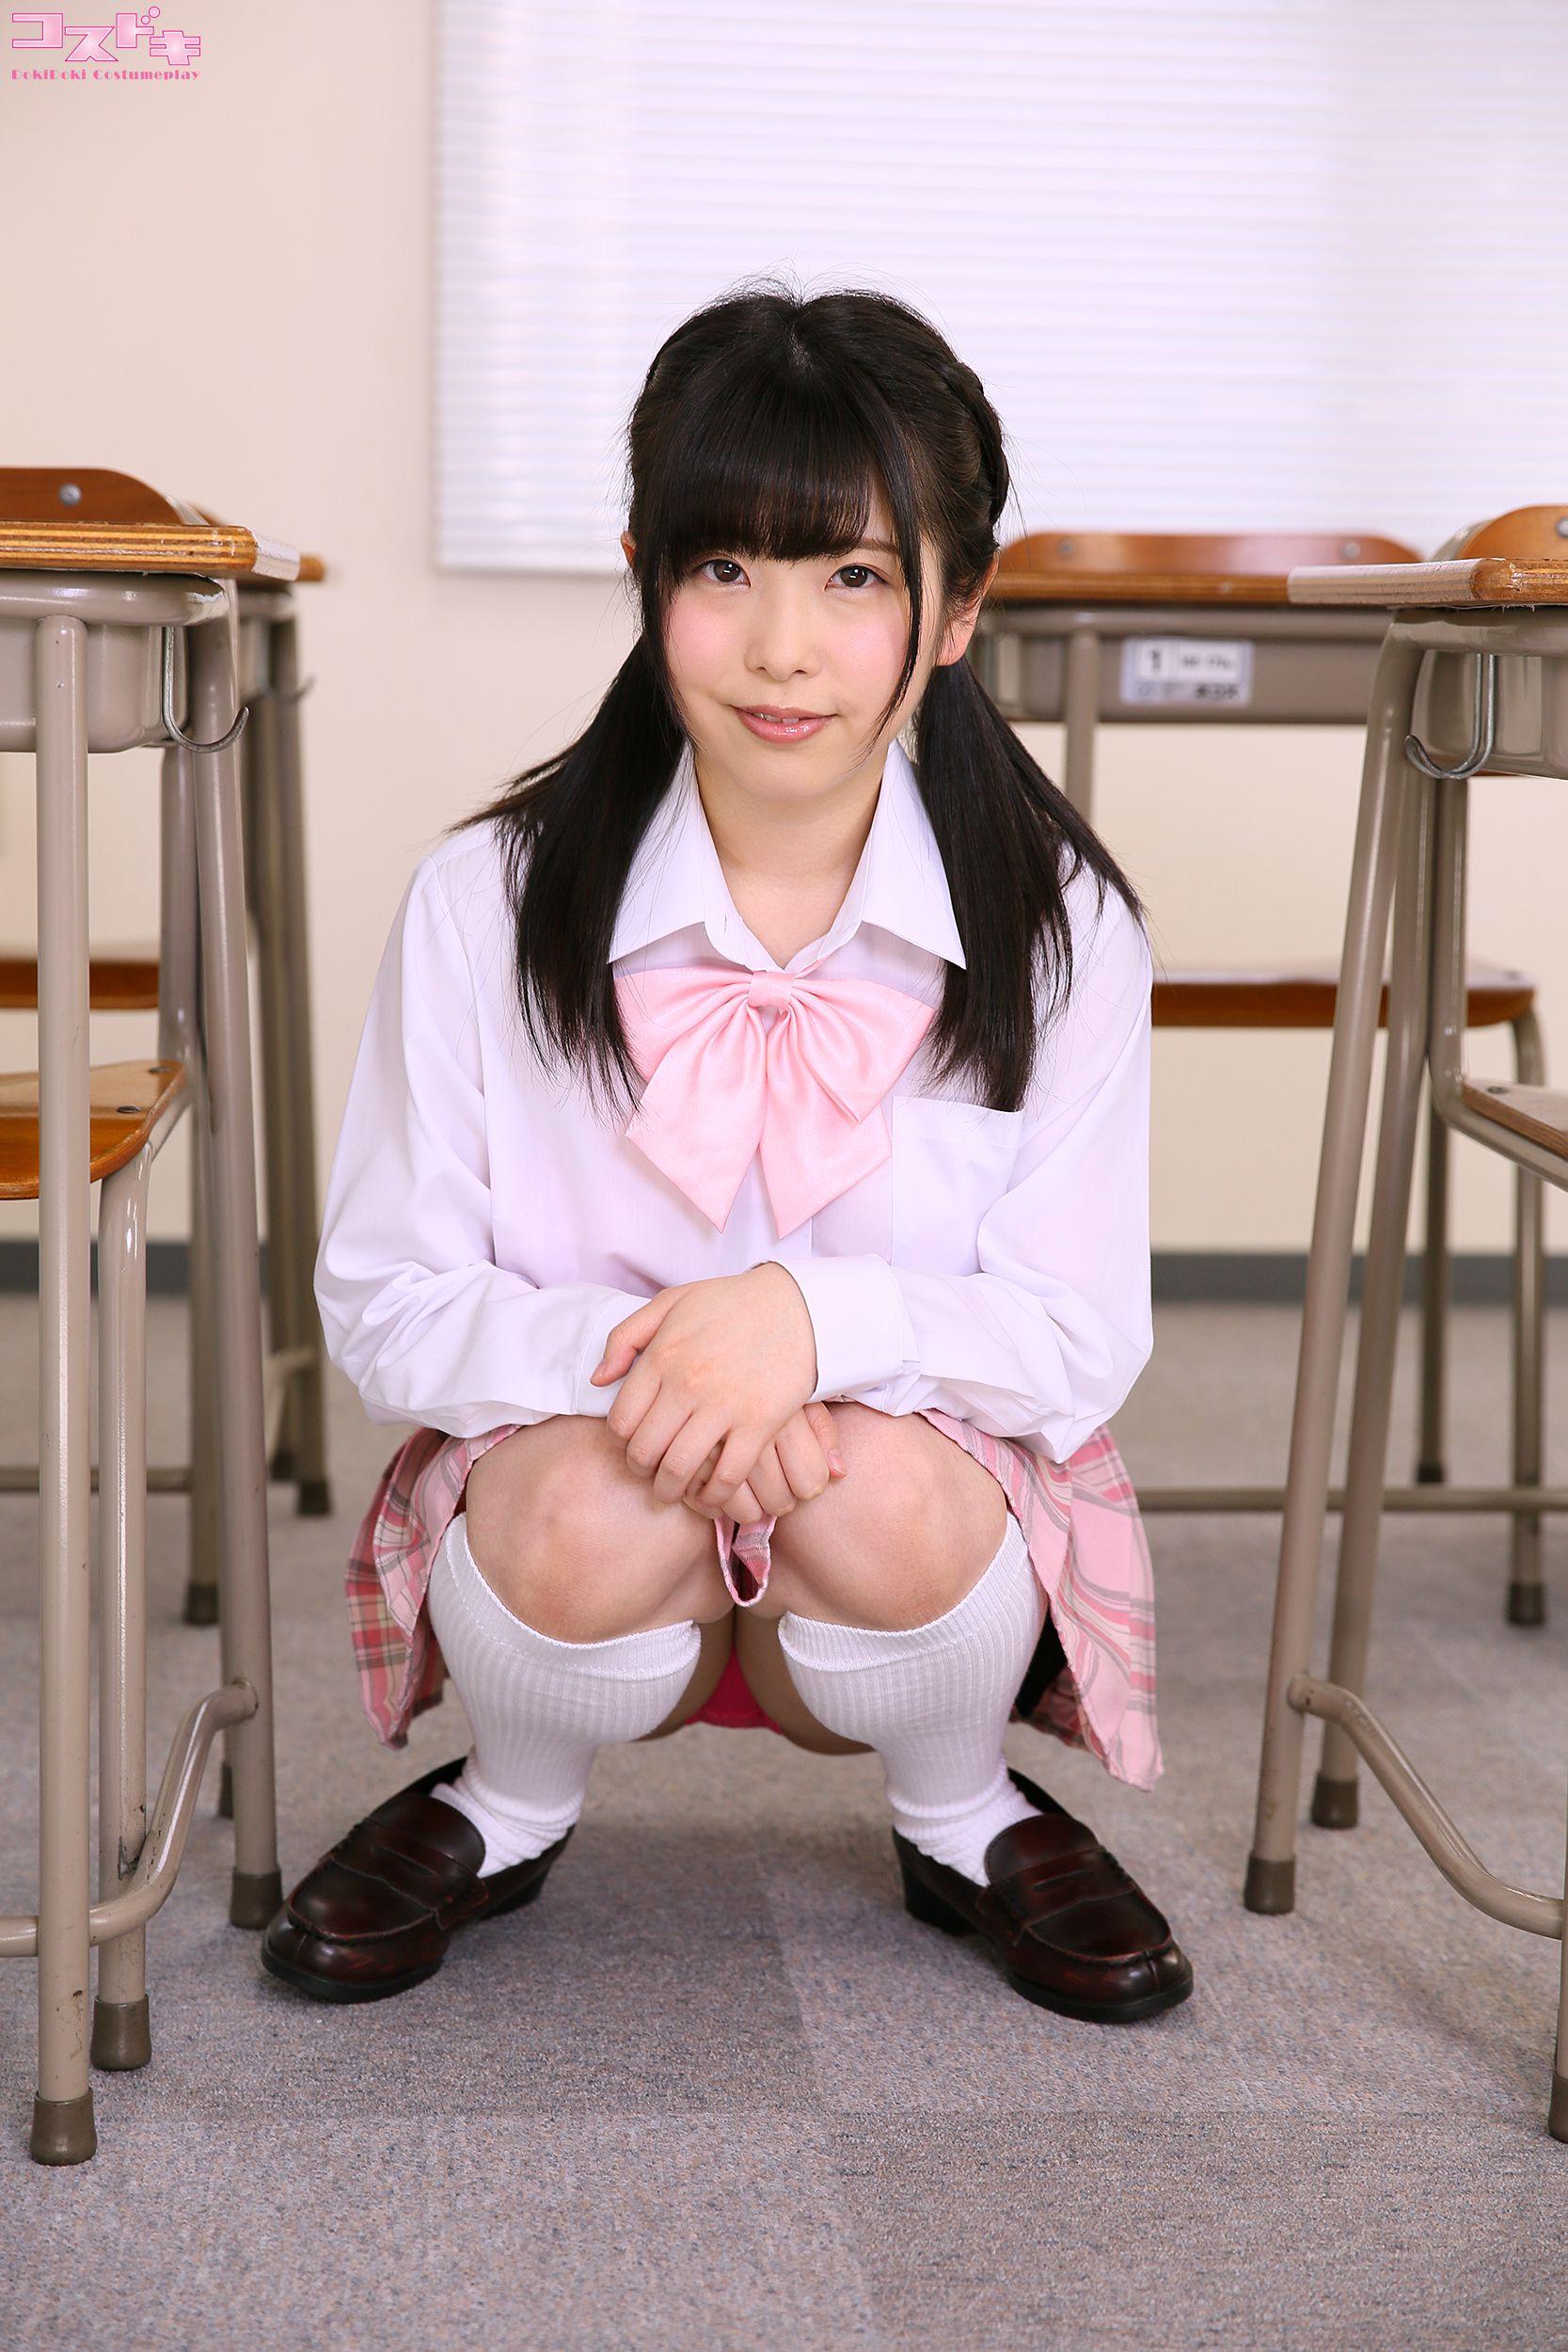 VOL.688 [Cosdoki]学生制服:雏见怜(ひなみれん)超高清写真套图(34P)